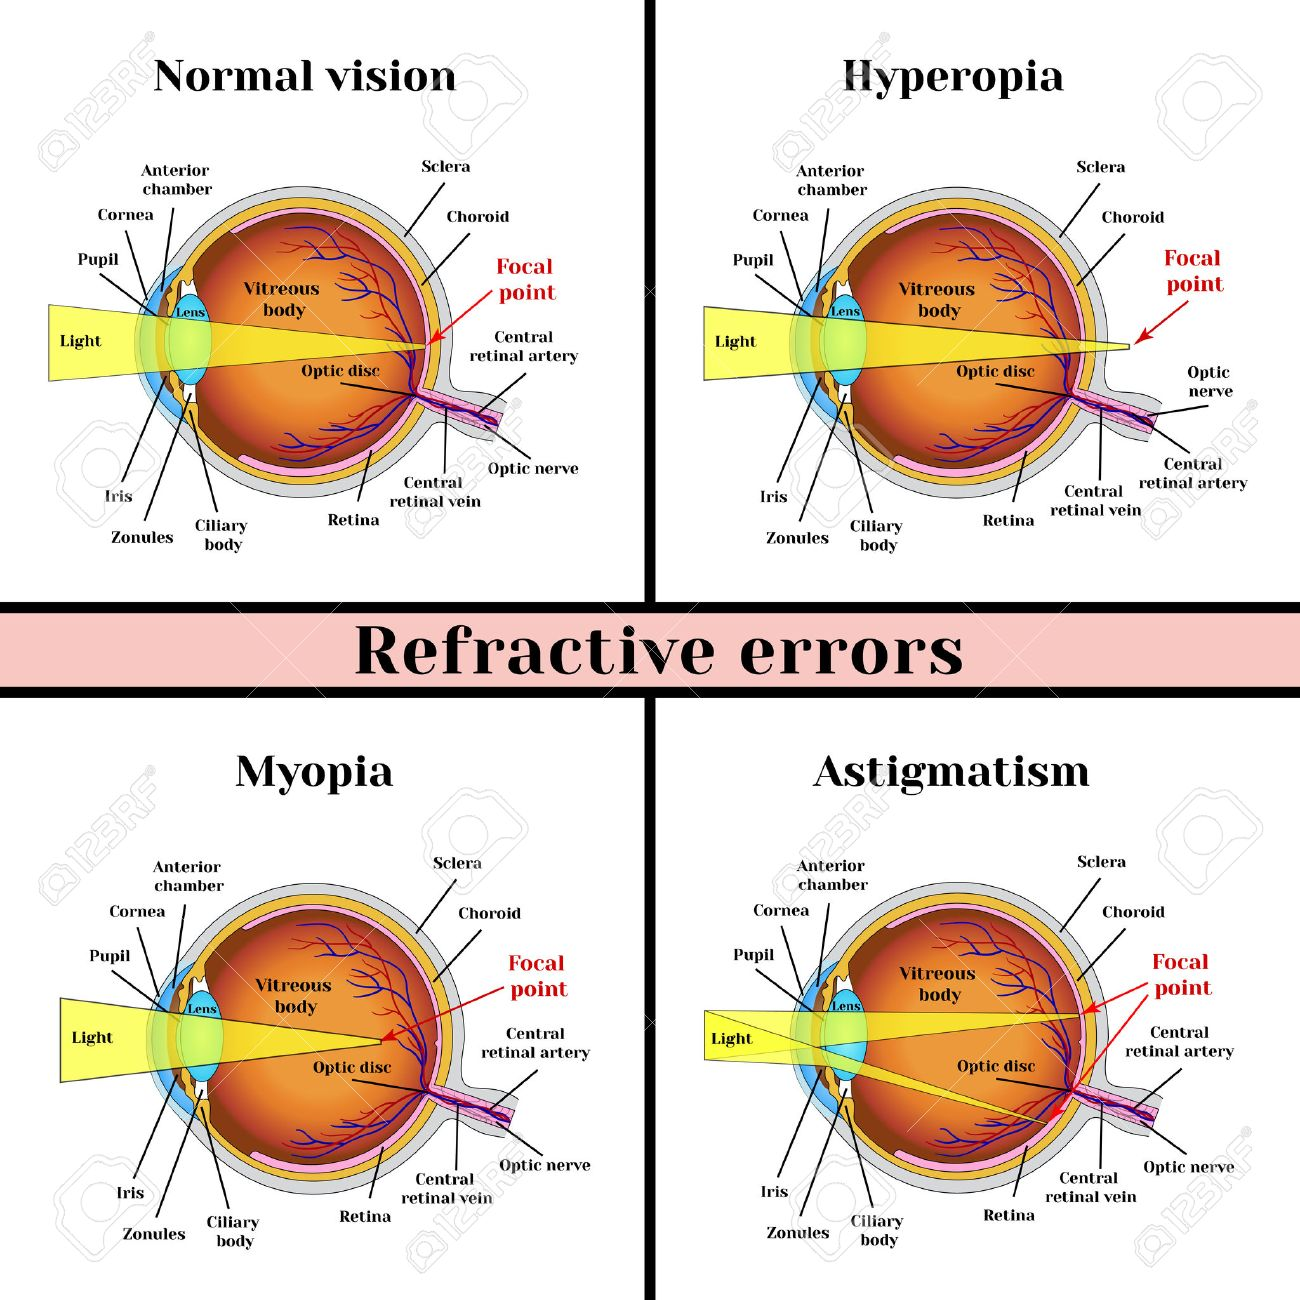 屈折異常眼球: 遠視、近視、乱視...